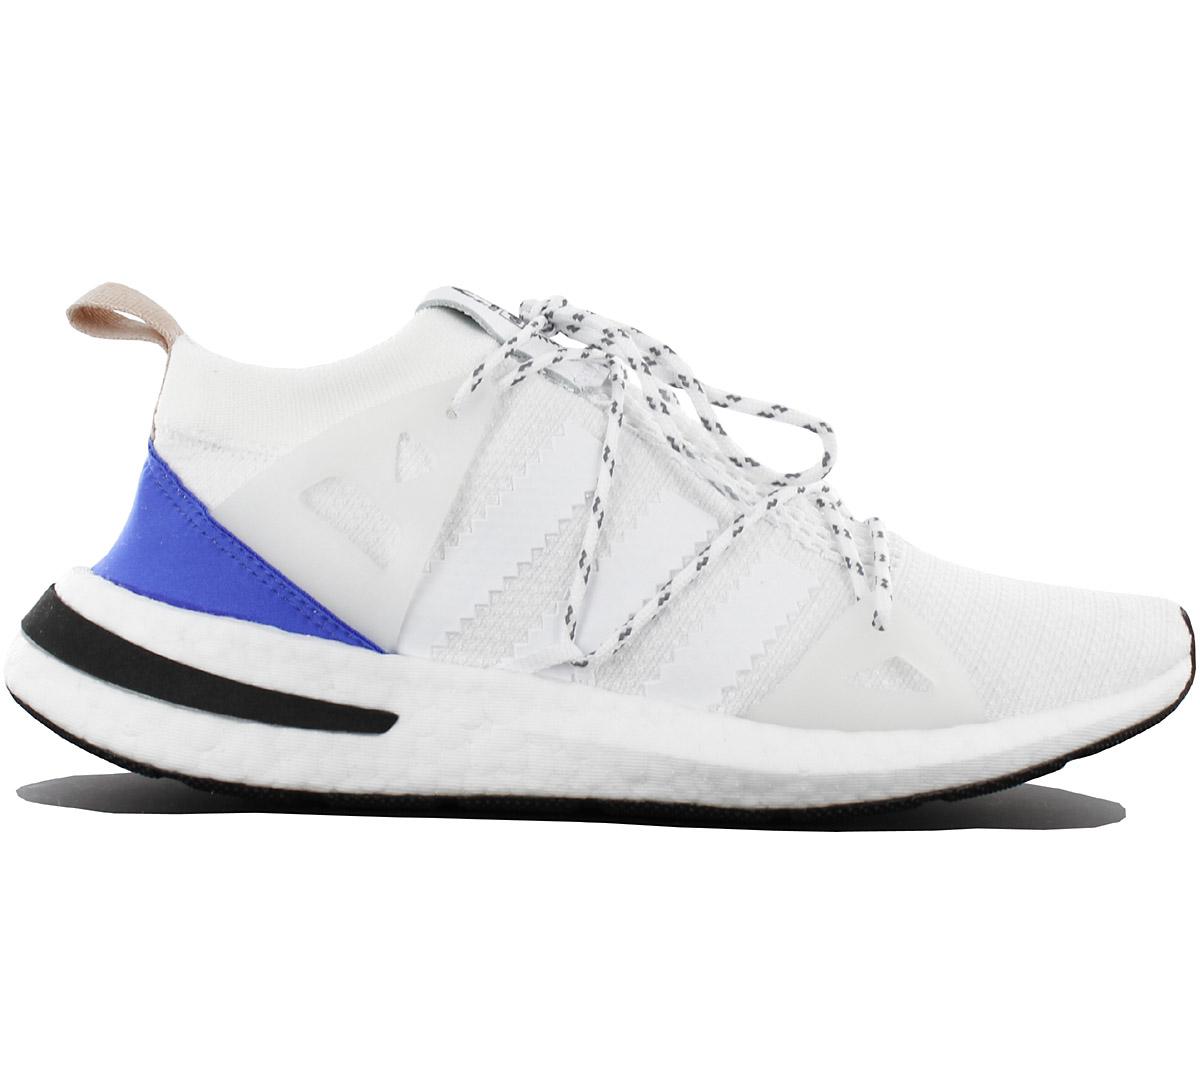 Adidas Originals arkyn w Boost Womens